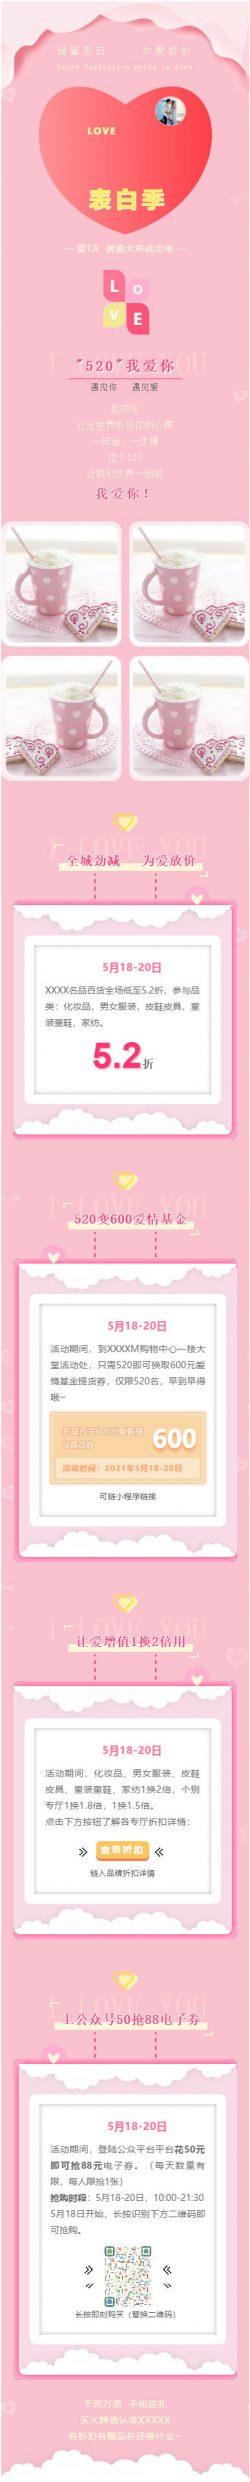 微信公众号推文模板520网络情人节微信推送文章模板